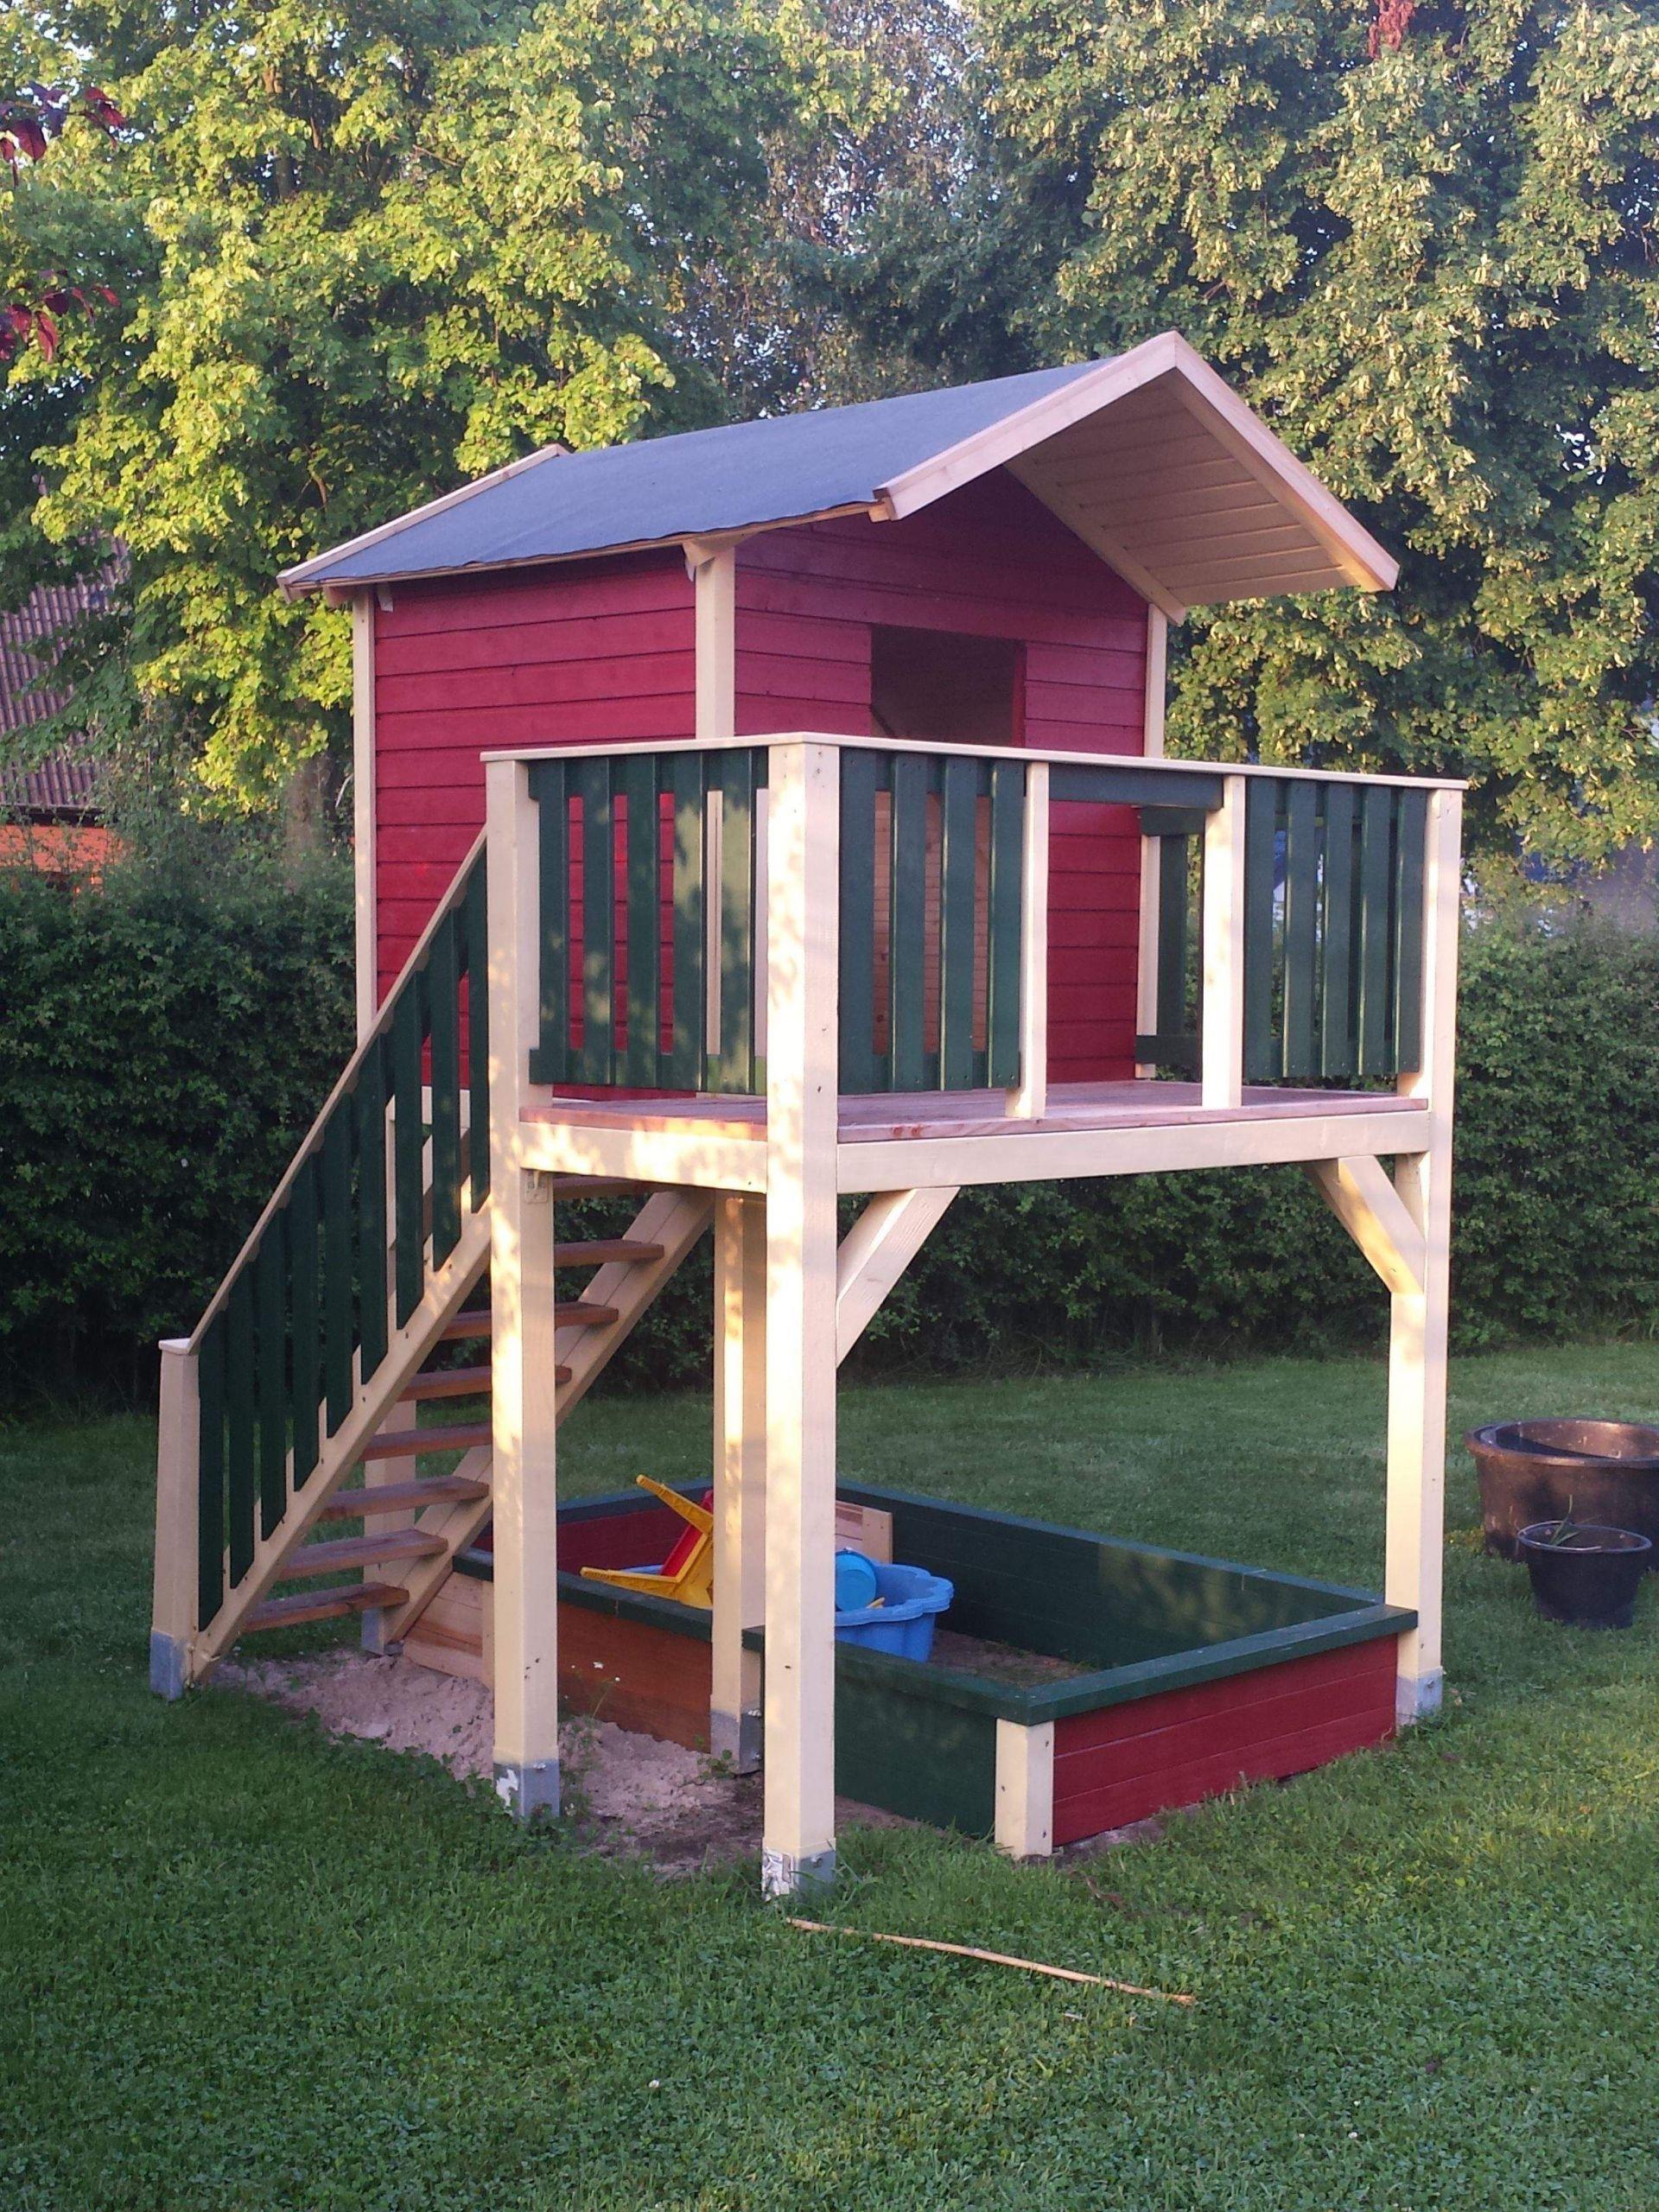 Kinderspielturm Garten Das Beste Von Spielturm Mit Treppe Bauanleitung Zum Selber Bauen